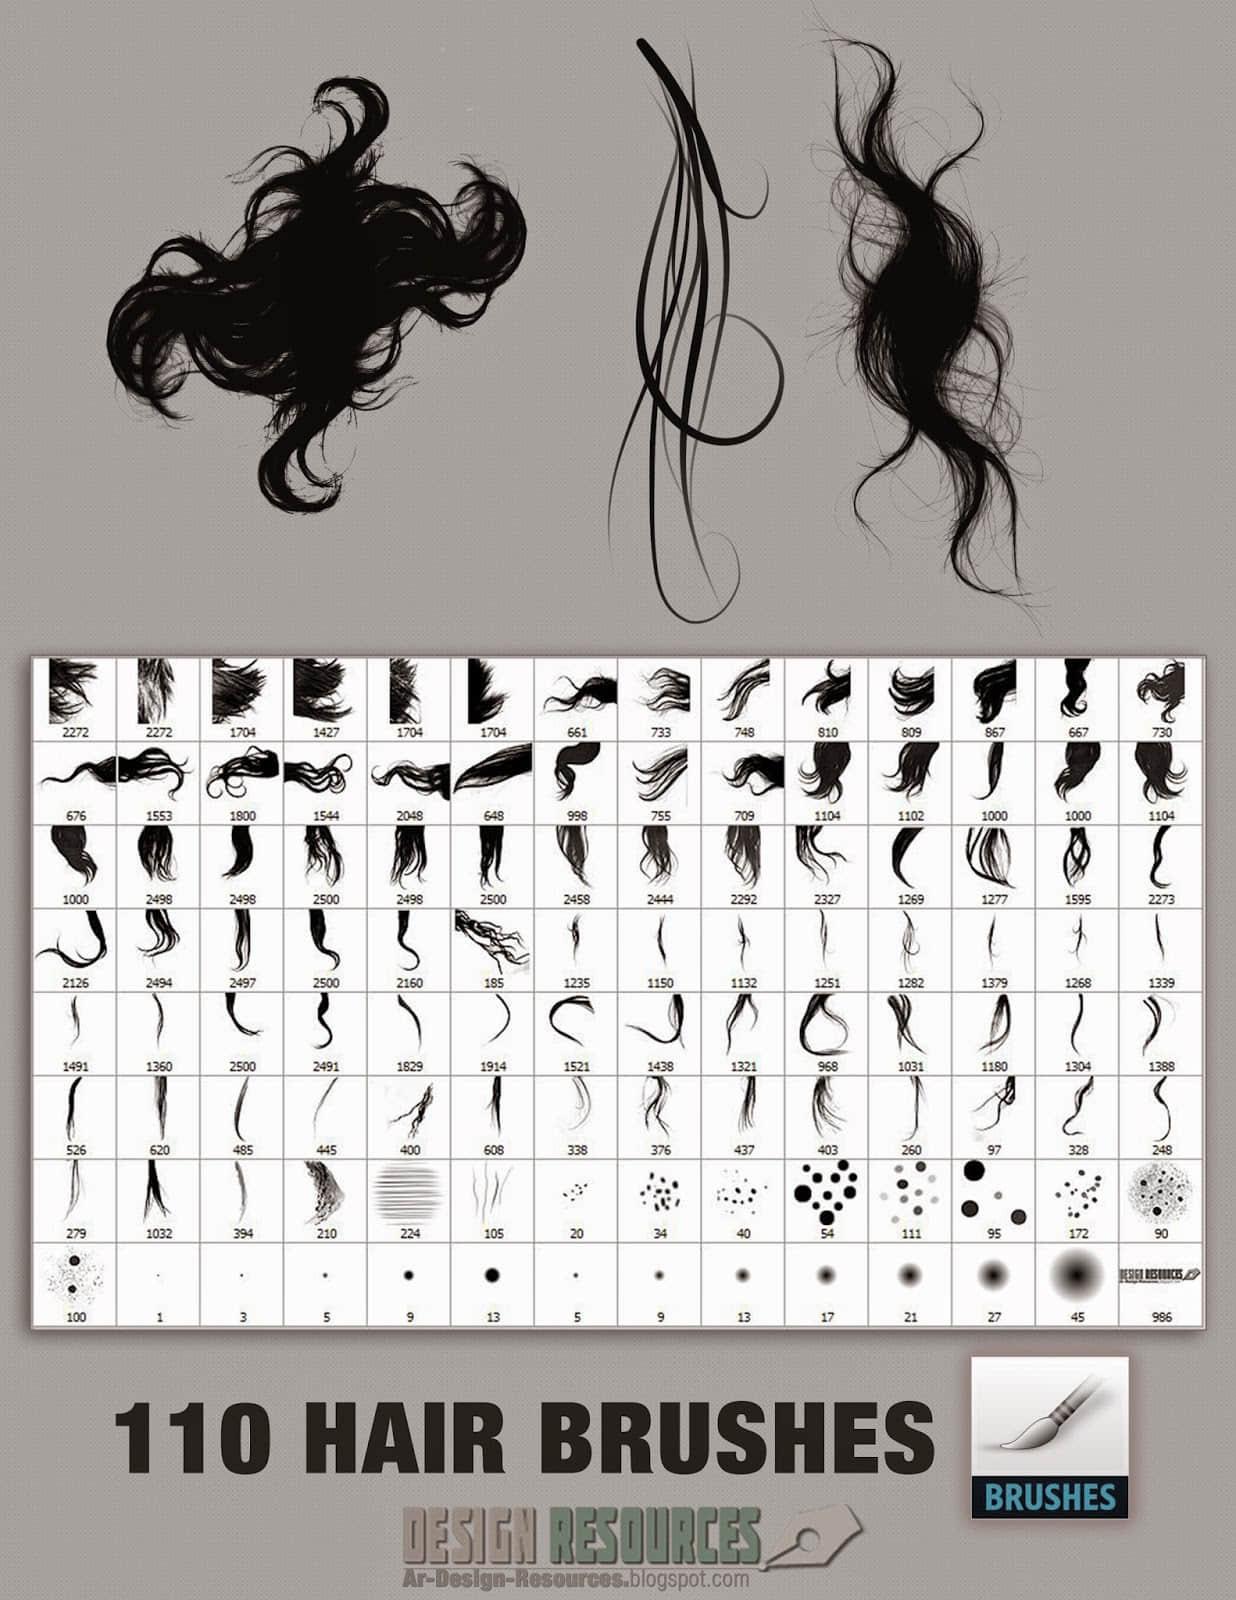 110种超级毛发、头发、发丝PS笔刷素材 高品质笔刷 毛发笔刷 头发笔刷 发型笔刷 发丝笔刷  %e6%af%9b%e5%8f%91%e7%ac%94%e5%88%b7